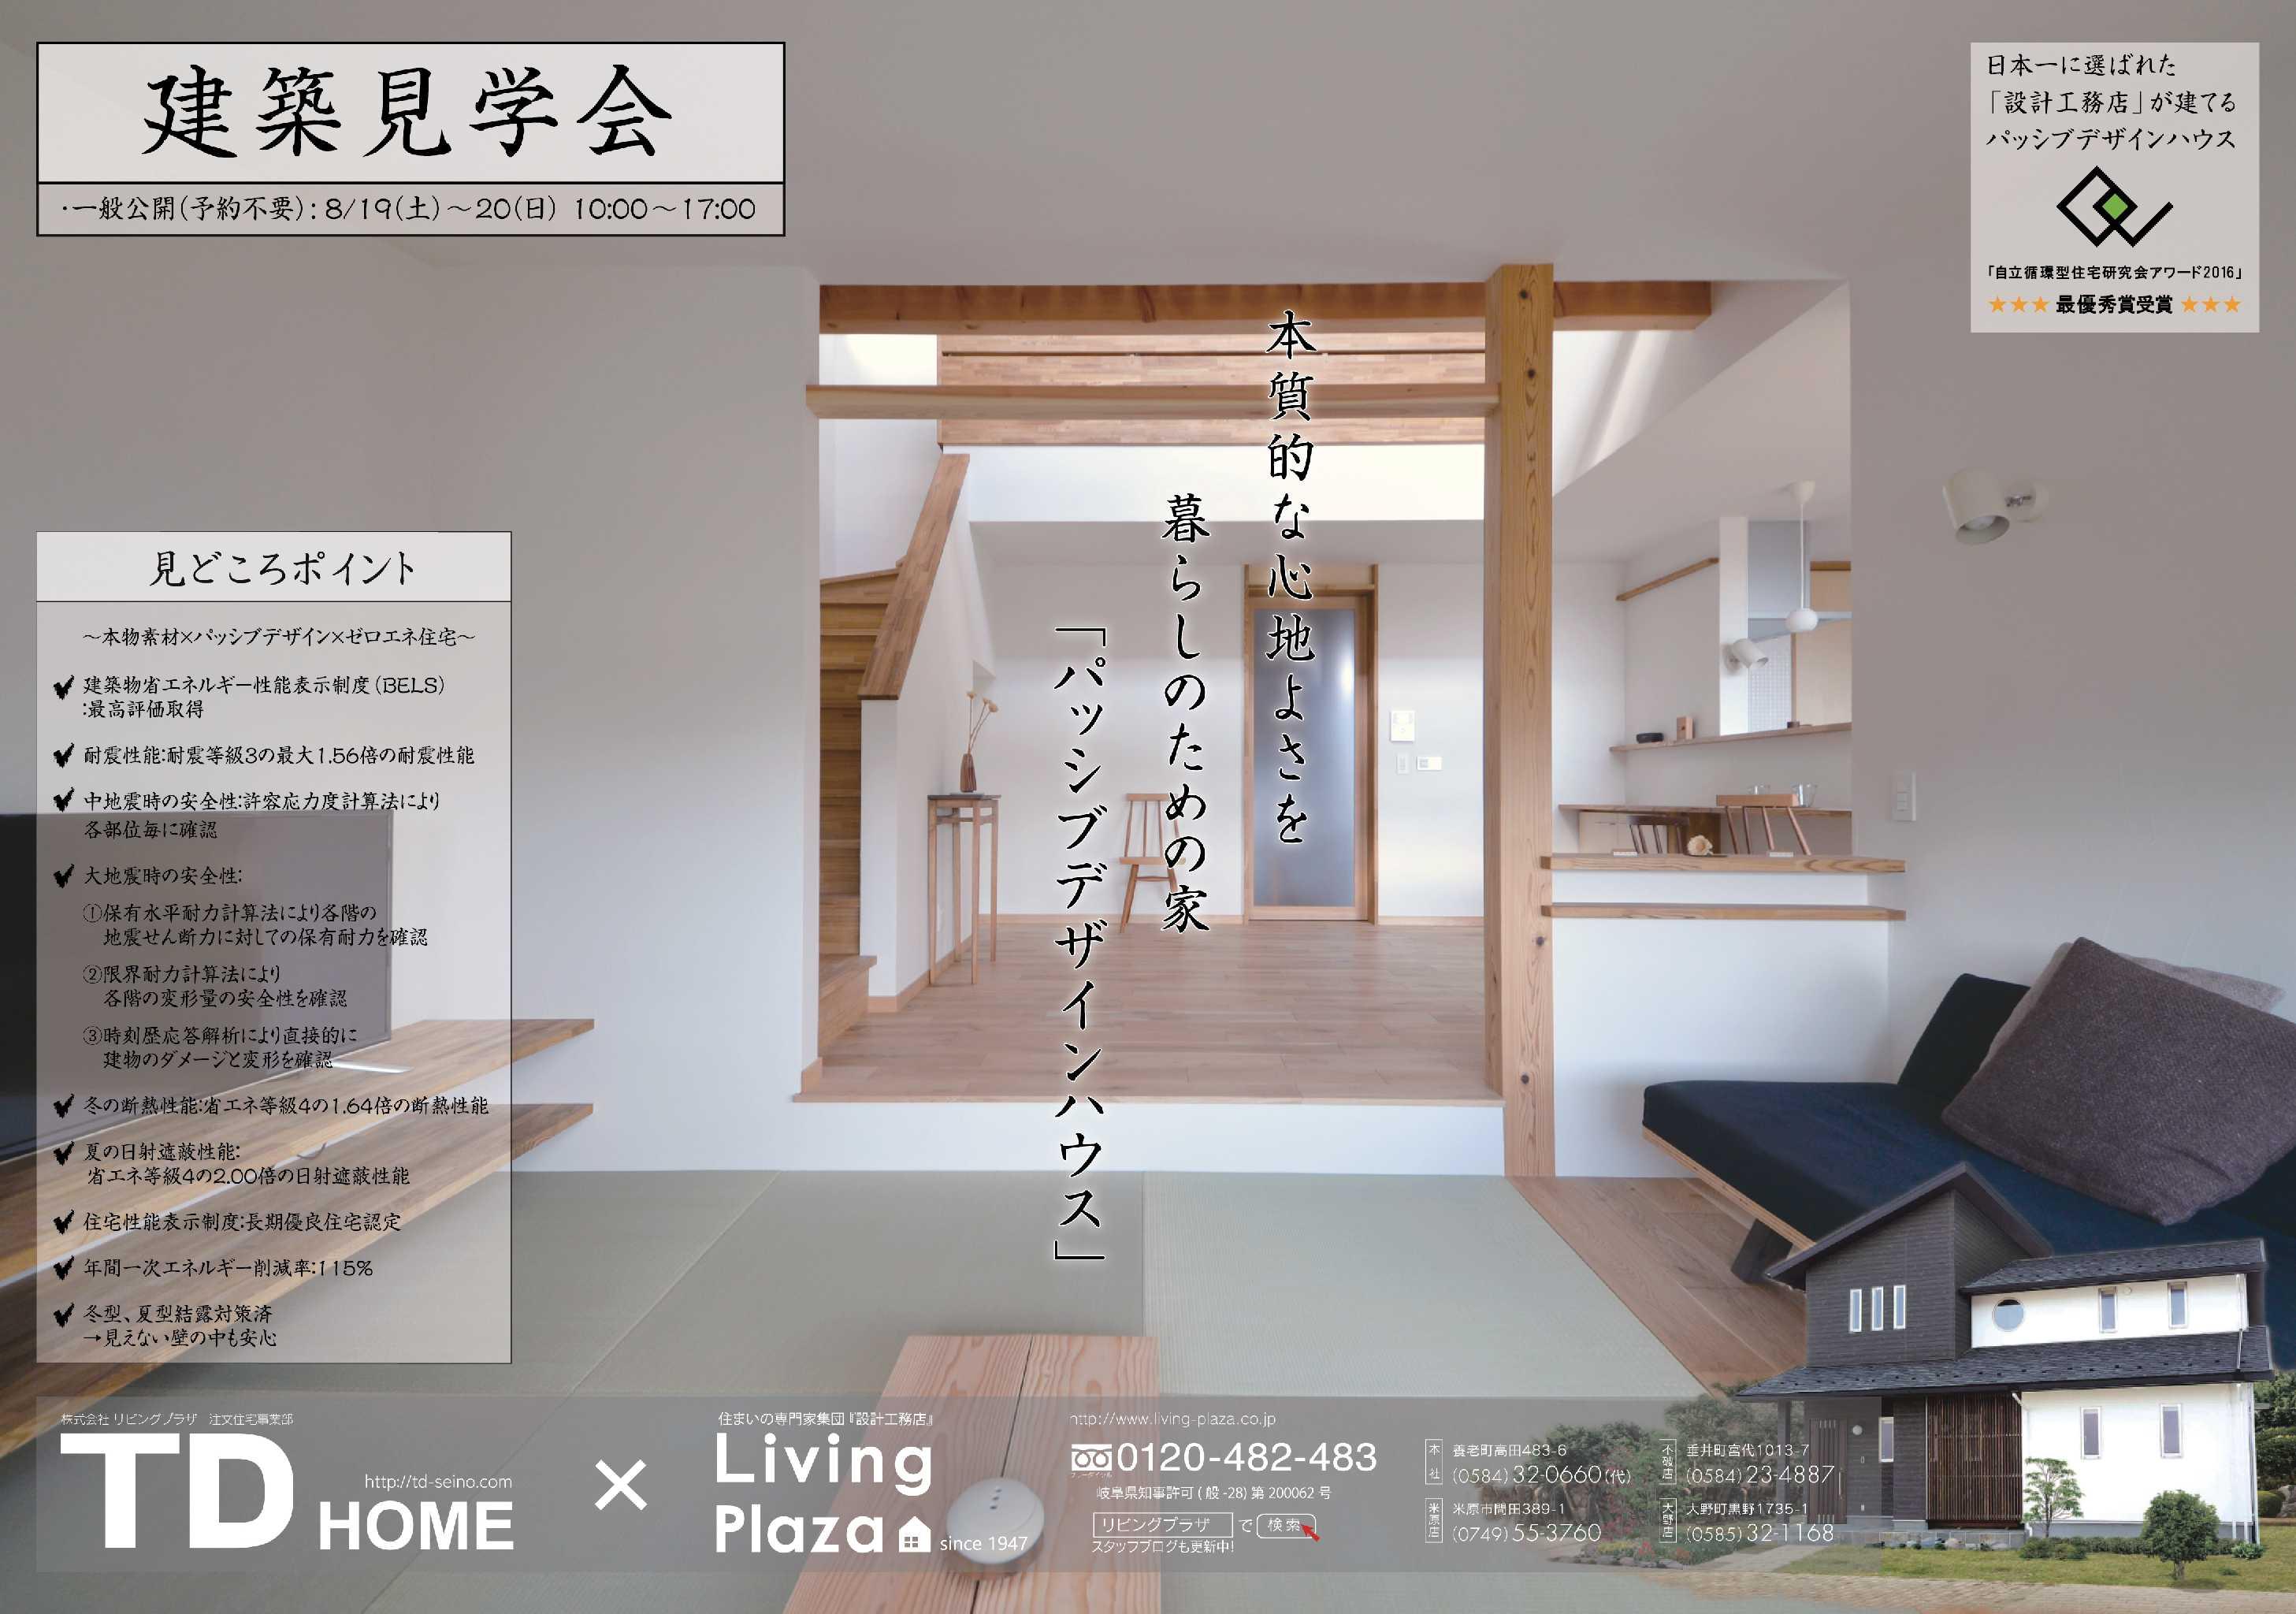 ★決定【見学会】市川邸 構造見学会 2017.08